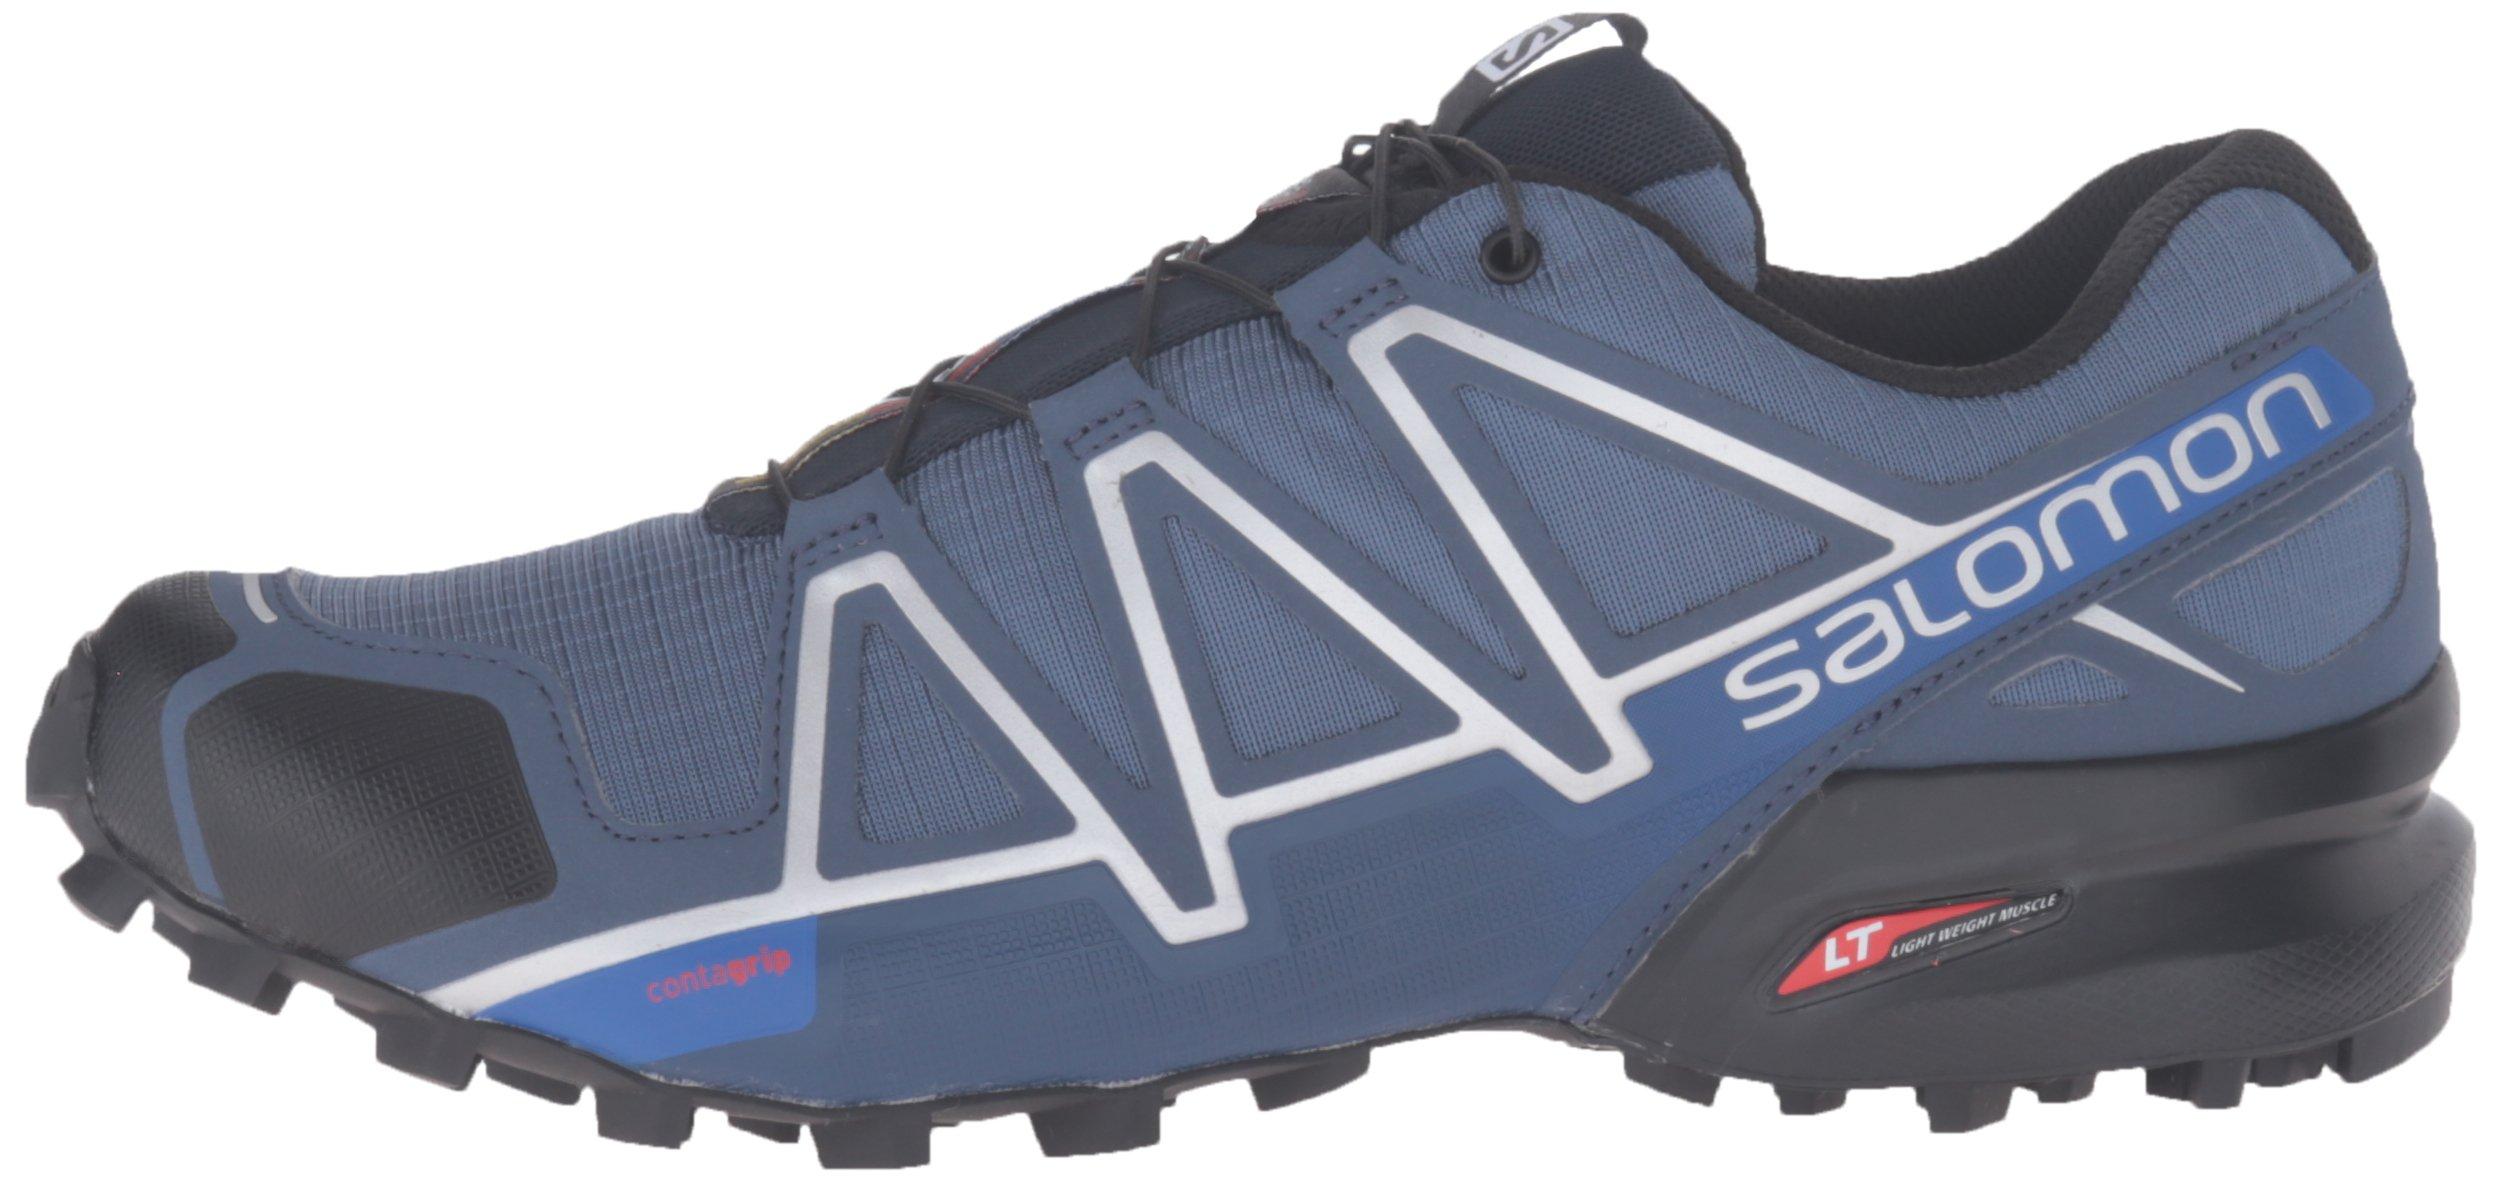 Salomon Men's Speedcross 4 Trail Runner, Slate Black/Blue Yonder, 7 D US by Salomon (Image #5)